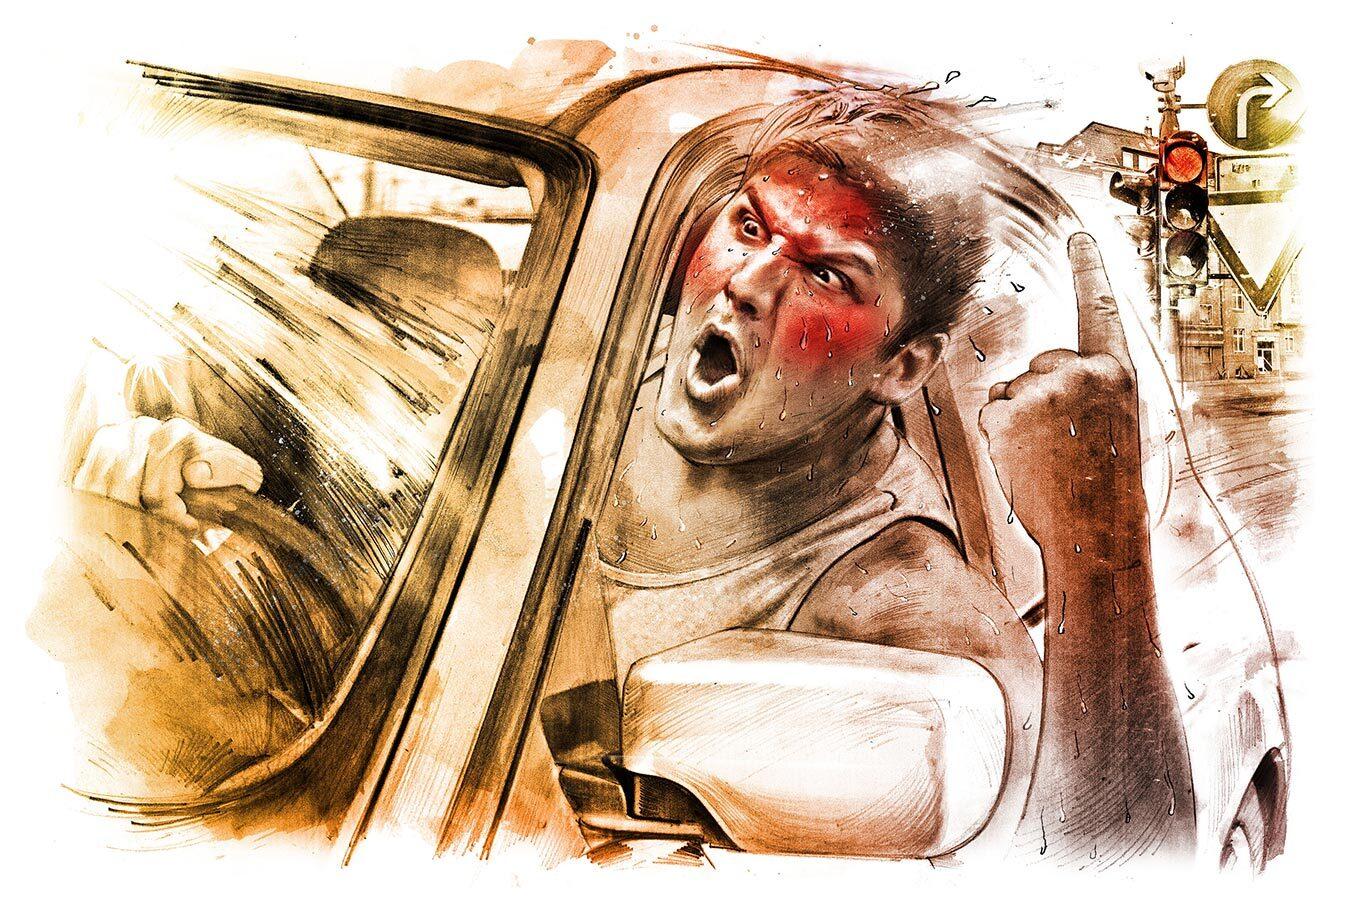 Hitze 2 - Kornel Illustration | Kornel Stadler portfolio